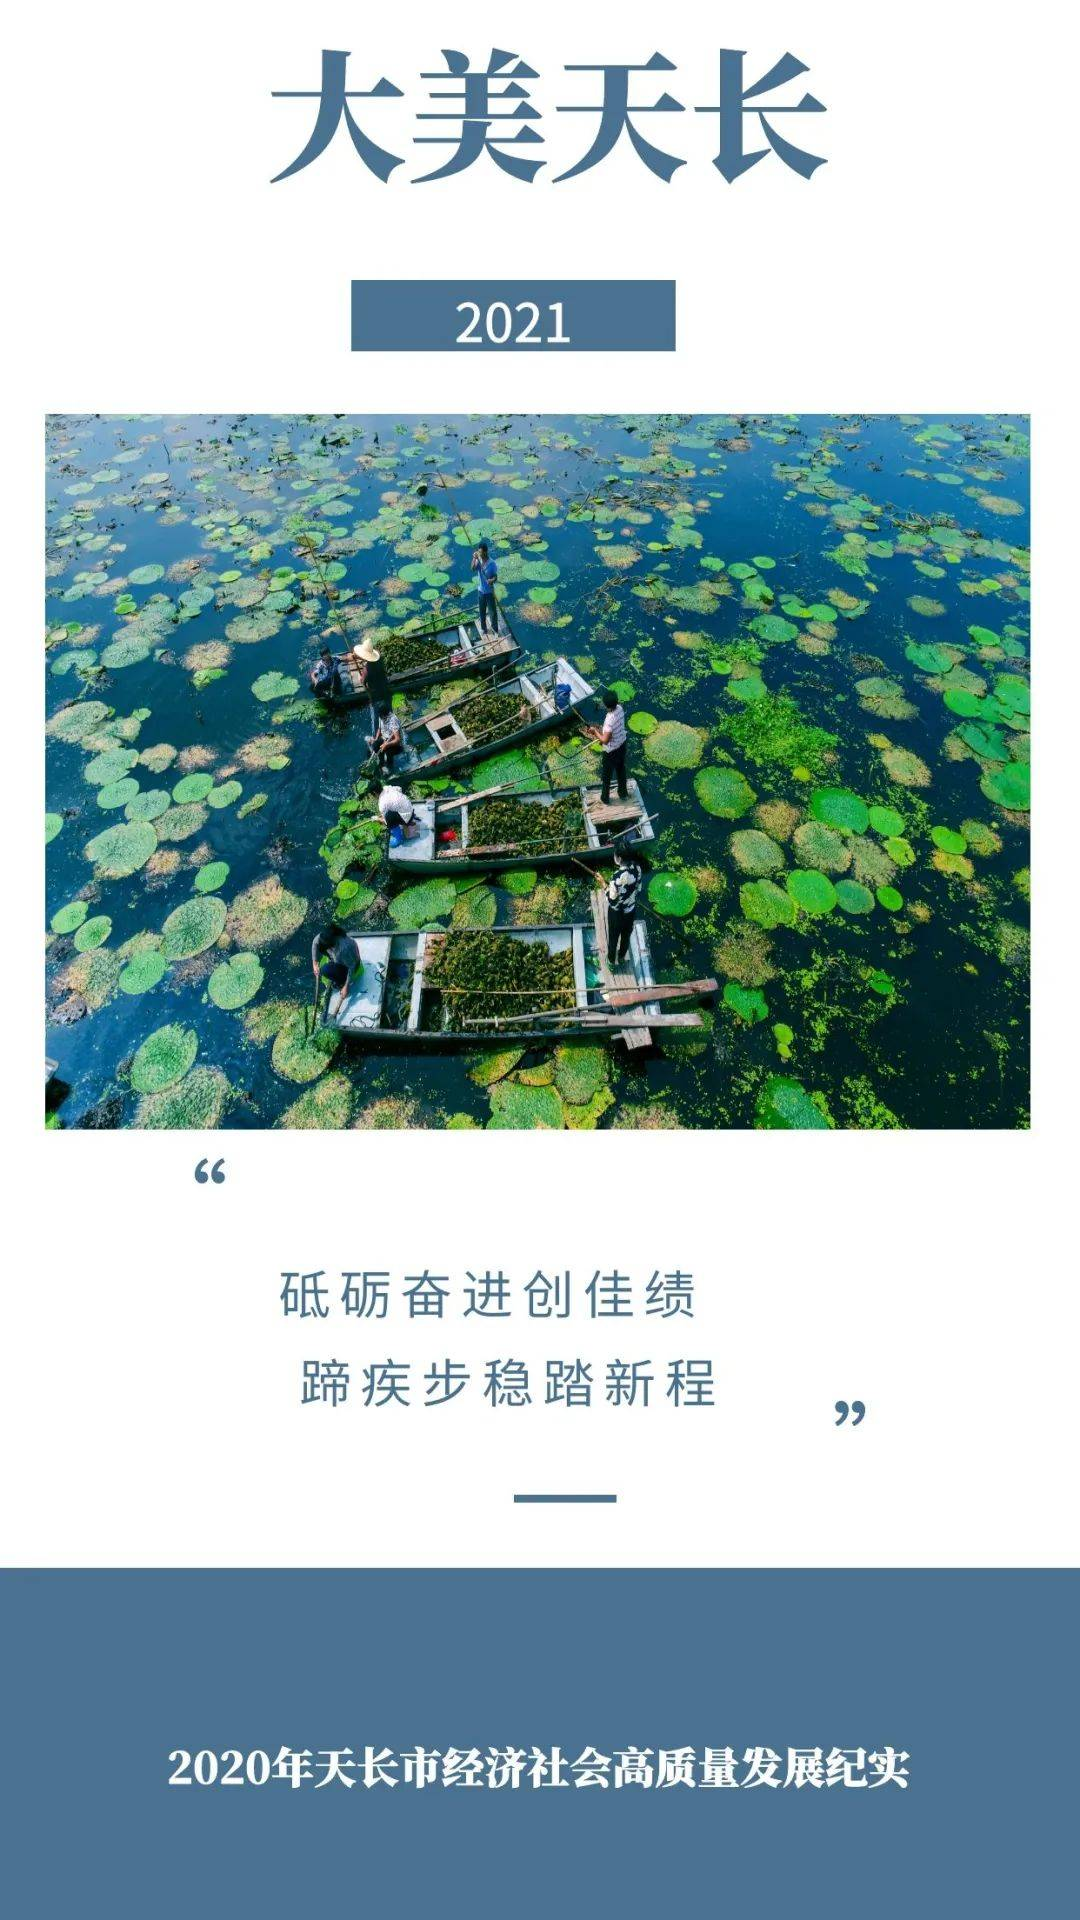 2020滁州市经济总量_滁州市地图